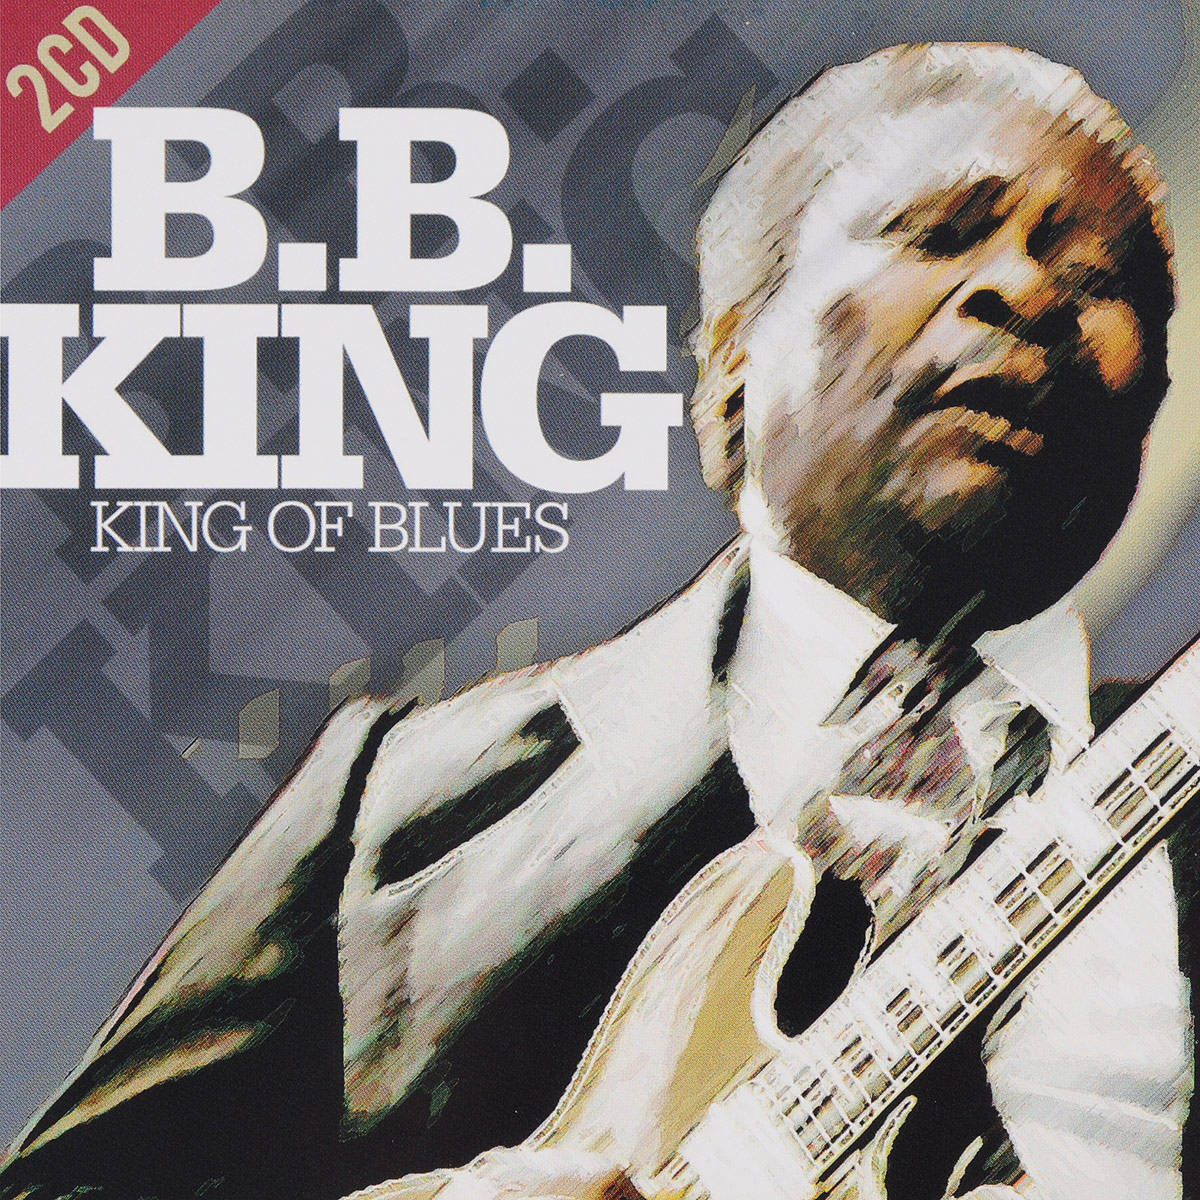 цена на Би Би Кинг B. B. King. King Of Blues (2 CD)